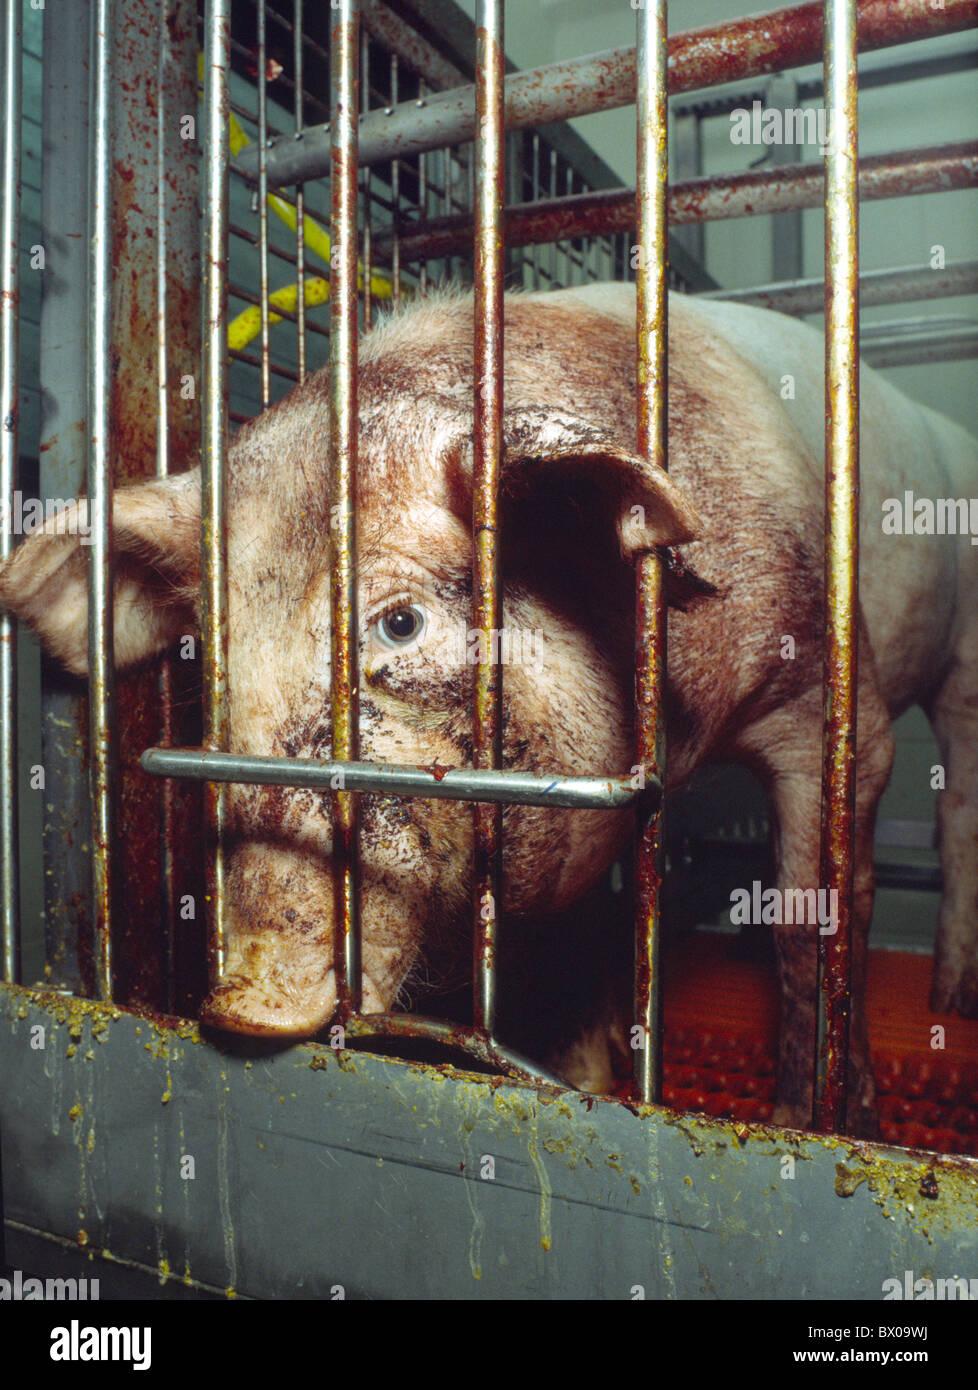 Haltung von Haustieren Viehzucht problematisch Käfig Tier Box verjährt Angst Emotion Erschöpfung Stockbild